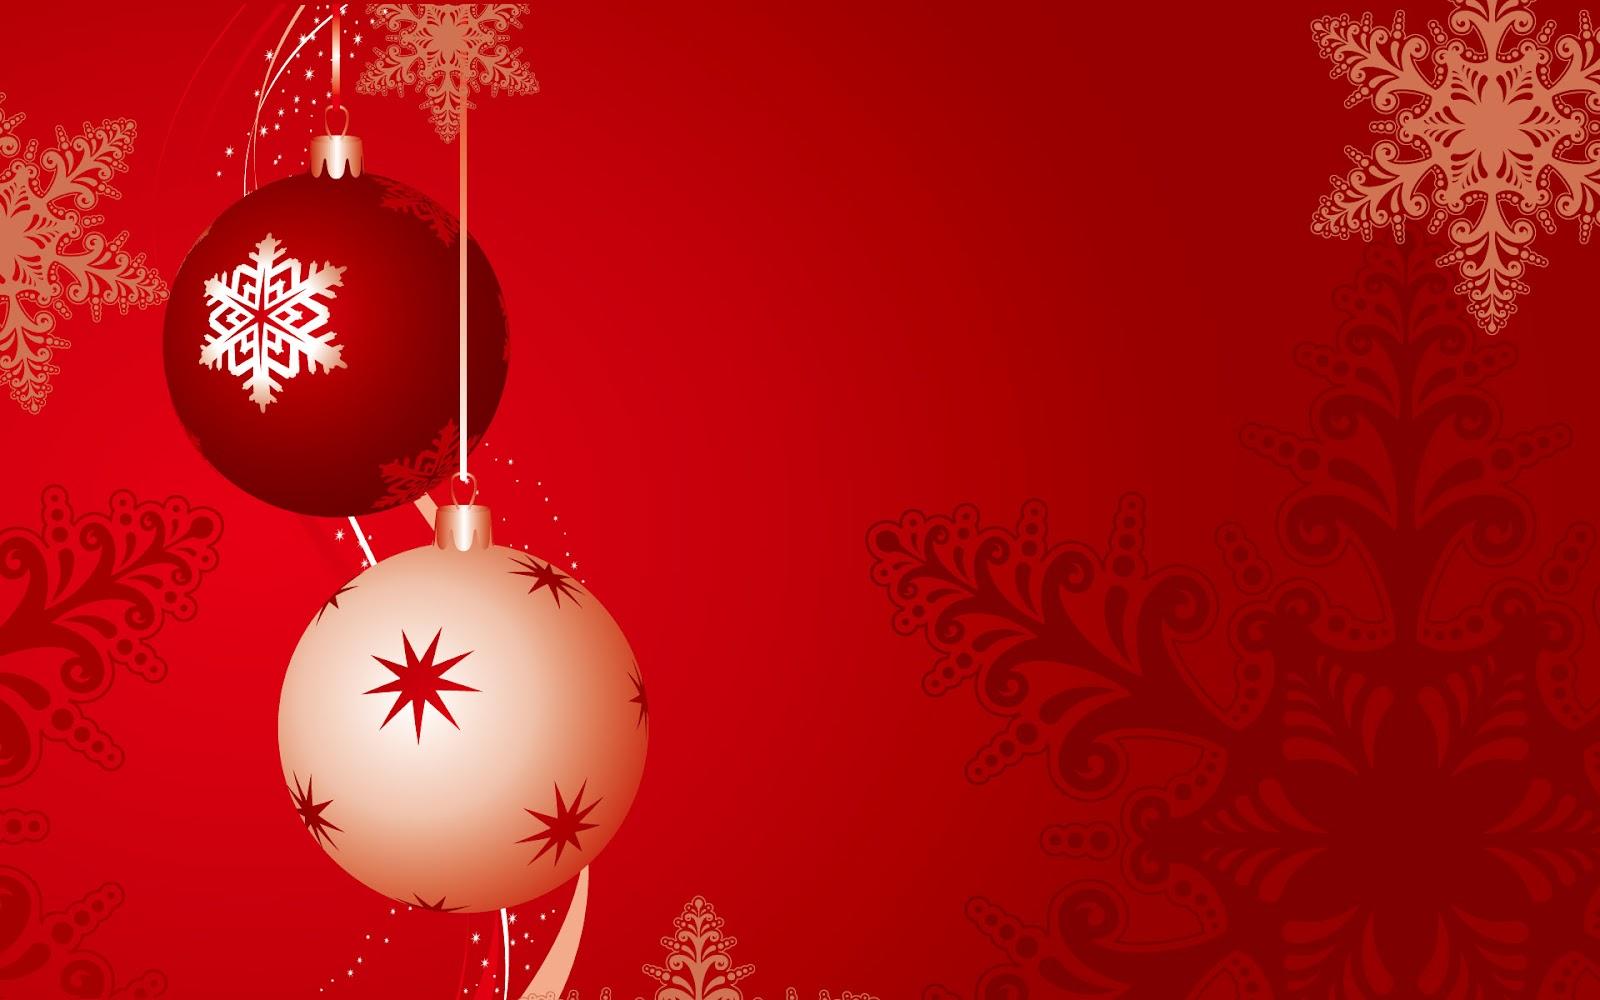 Holiday Christmas Wallpapers